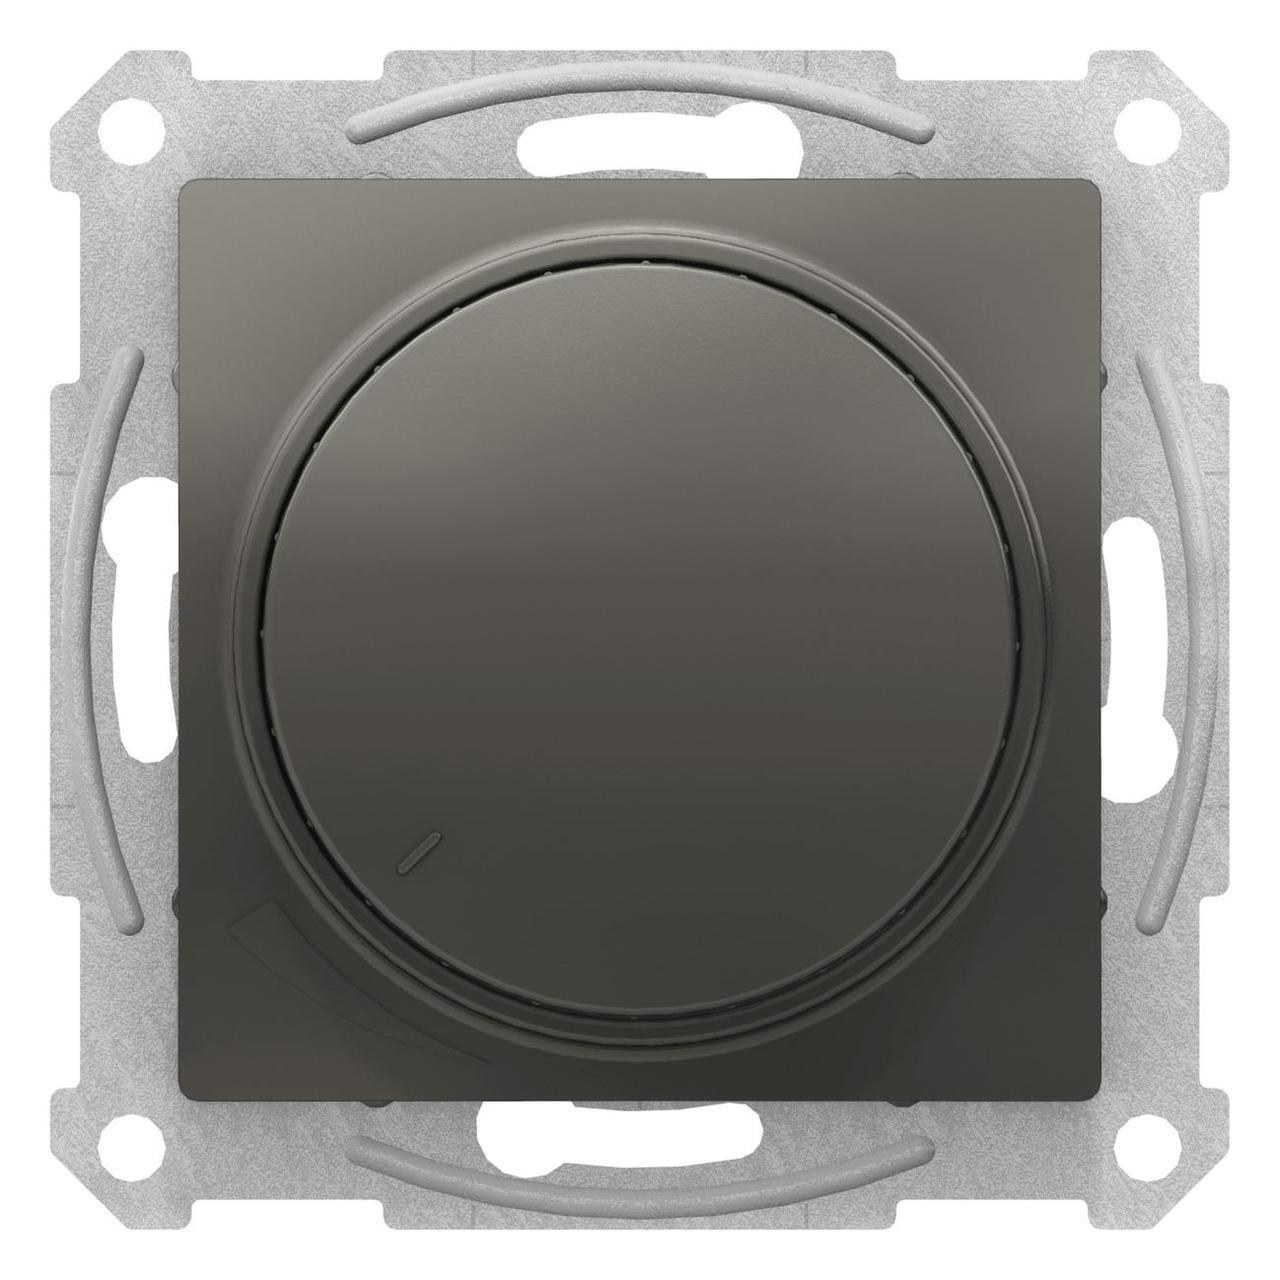 Диммер поворотно-нажимной , 300Вт для ламп накаливания , Сталь, серия Atlas Design, Schneider Electric